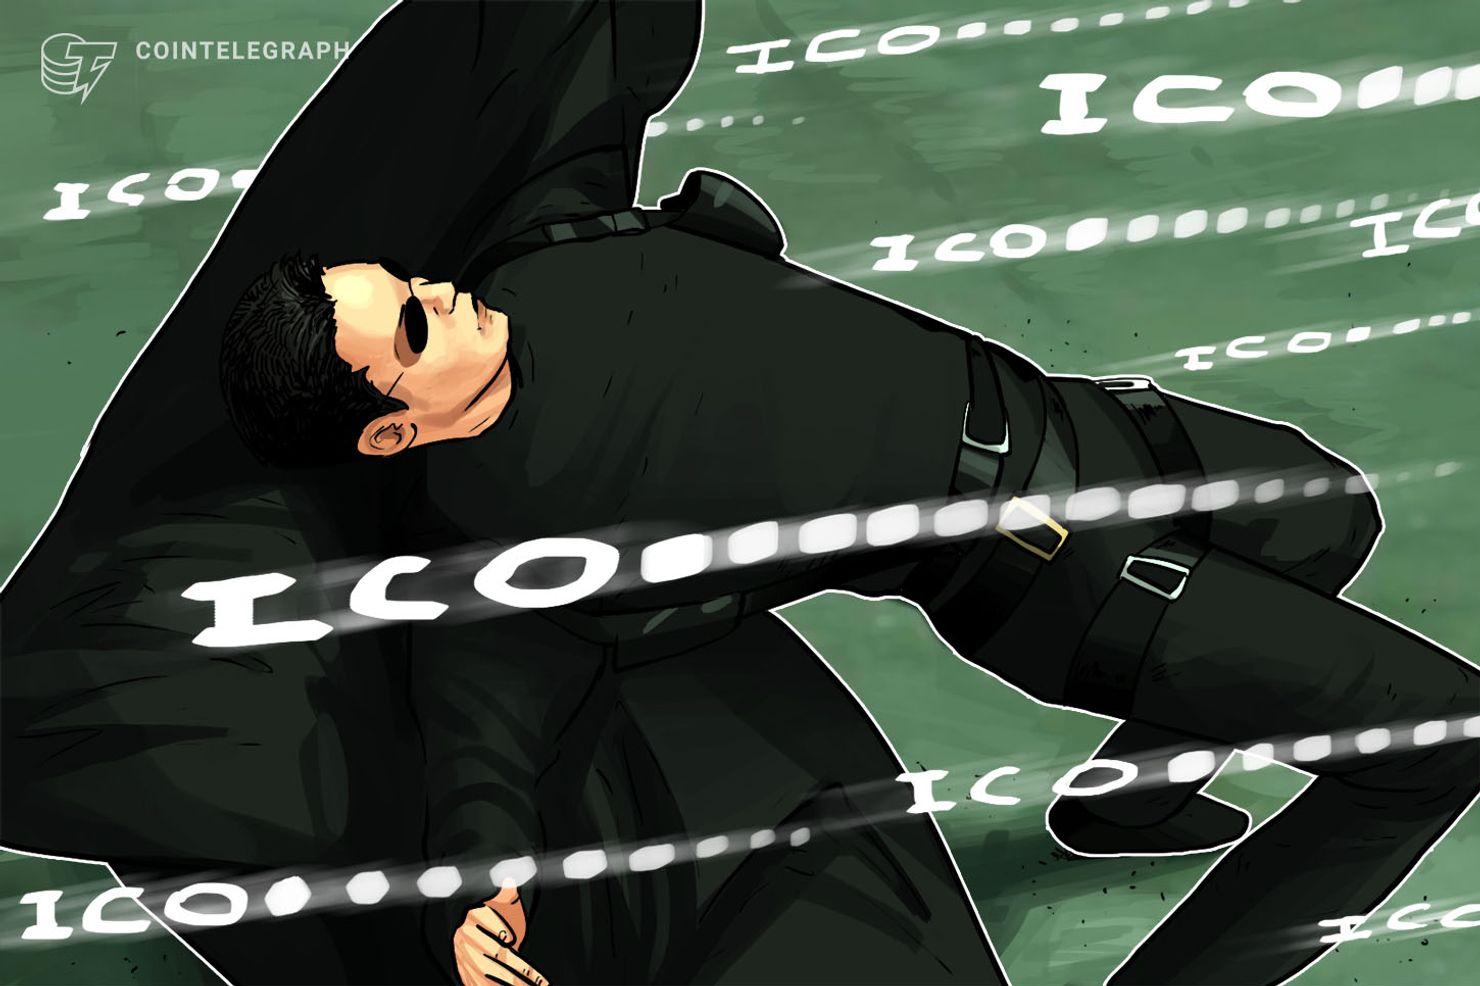 China's Central Bank Warns Investors of ICO, Crypto Risks